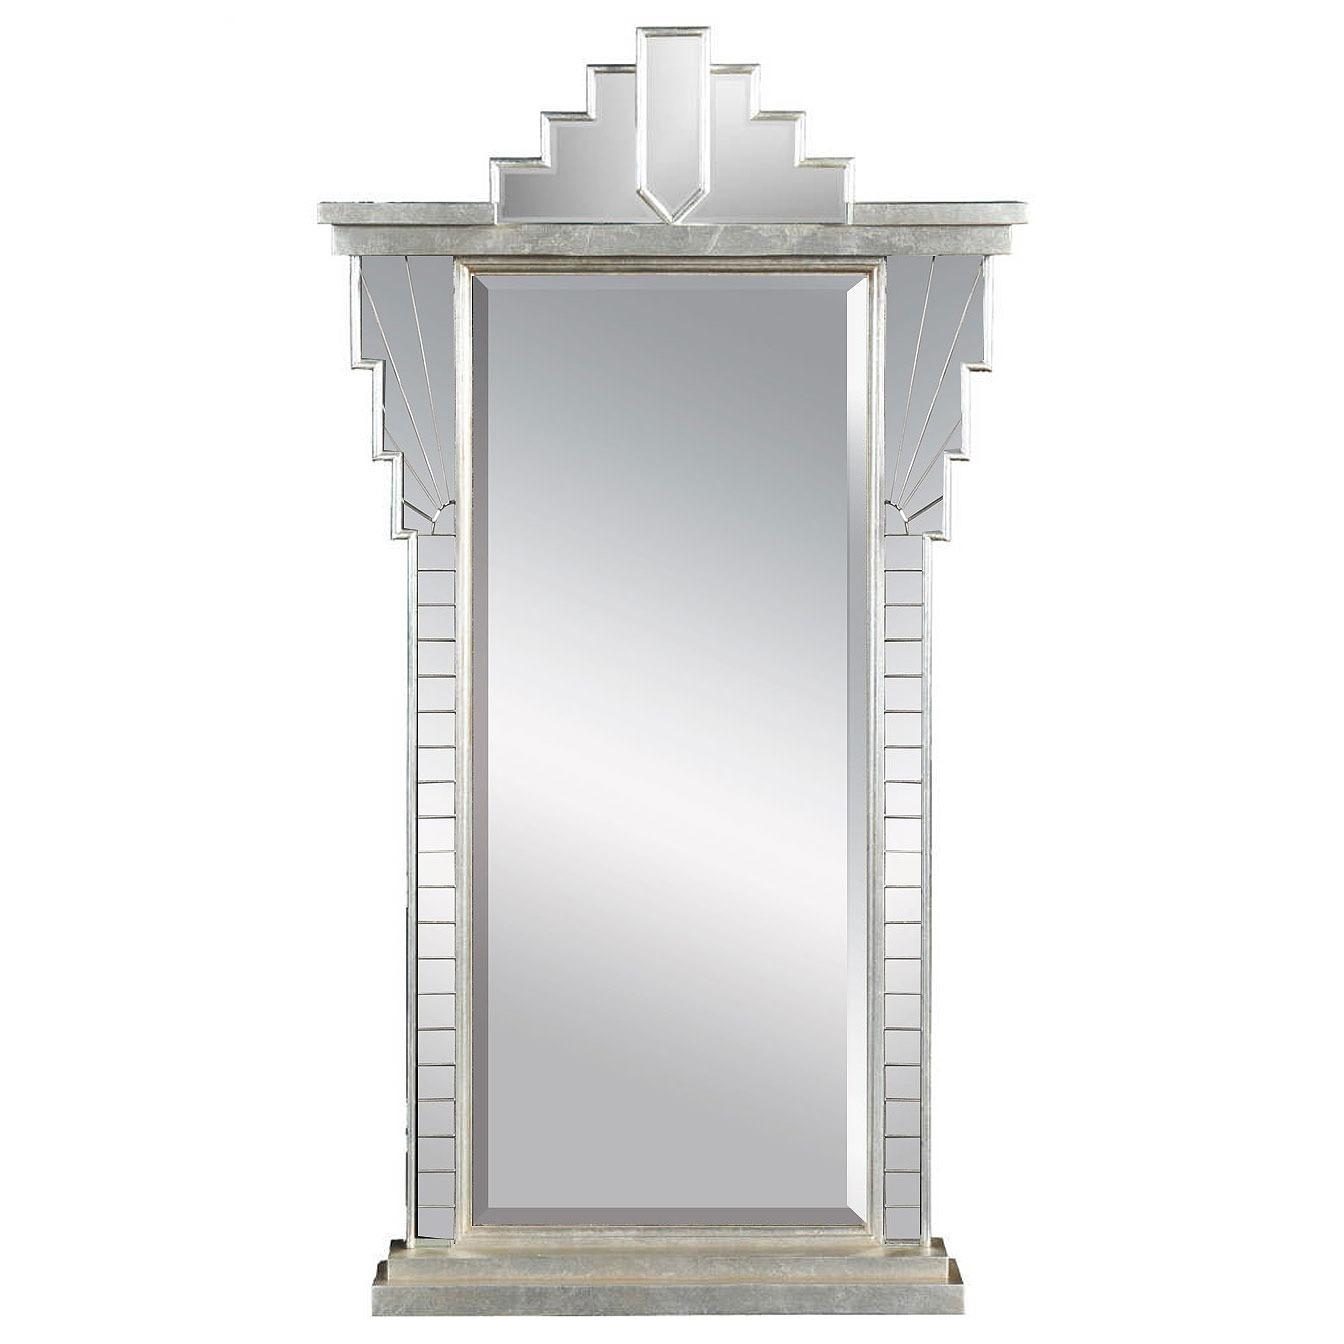 Silver Art Deco style mirror